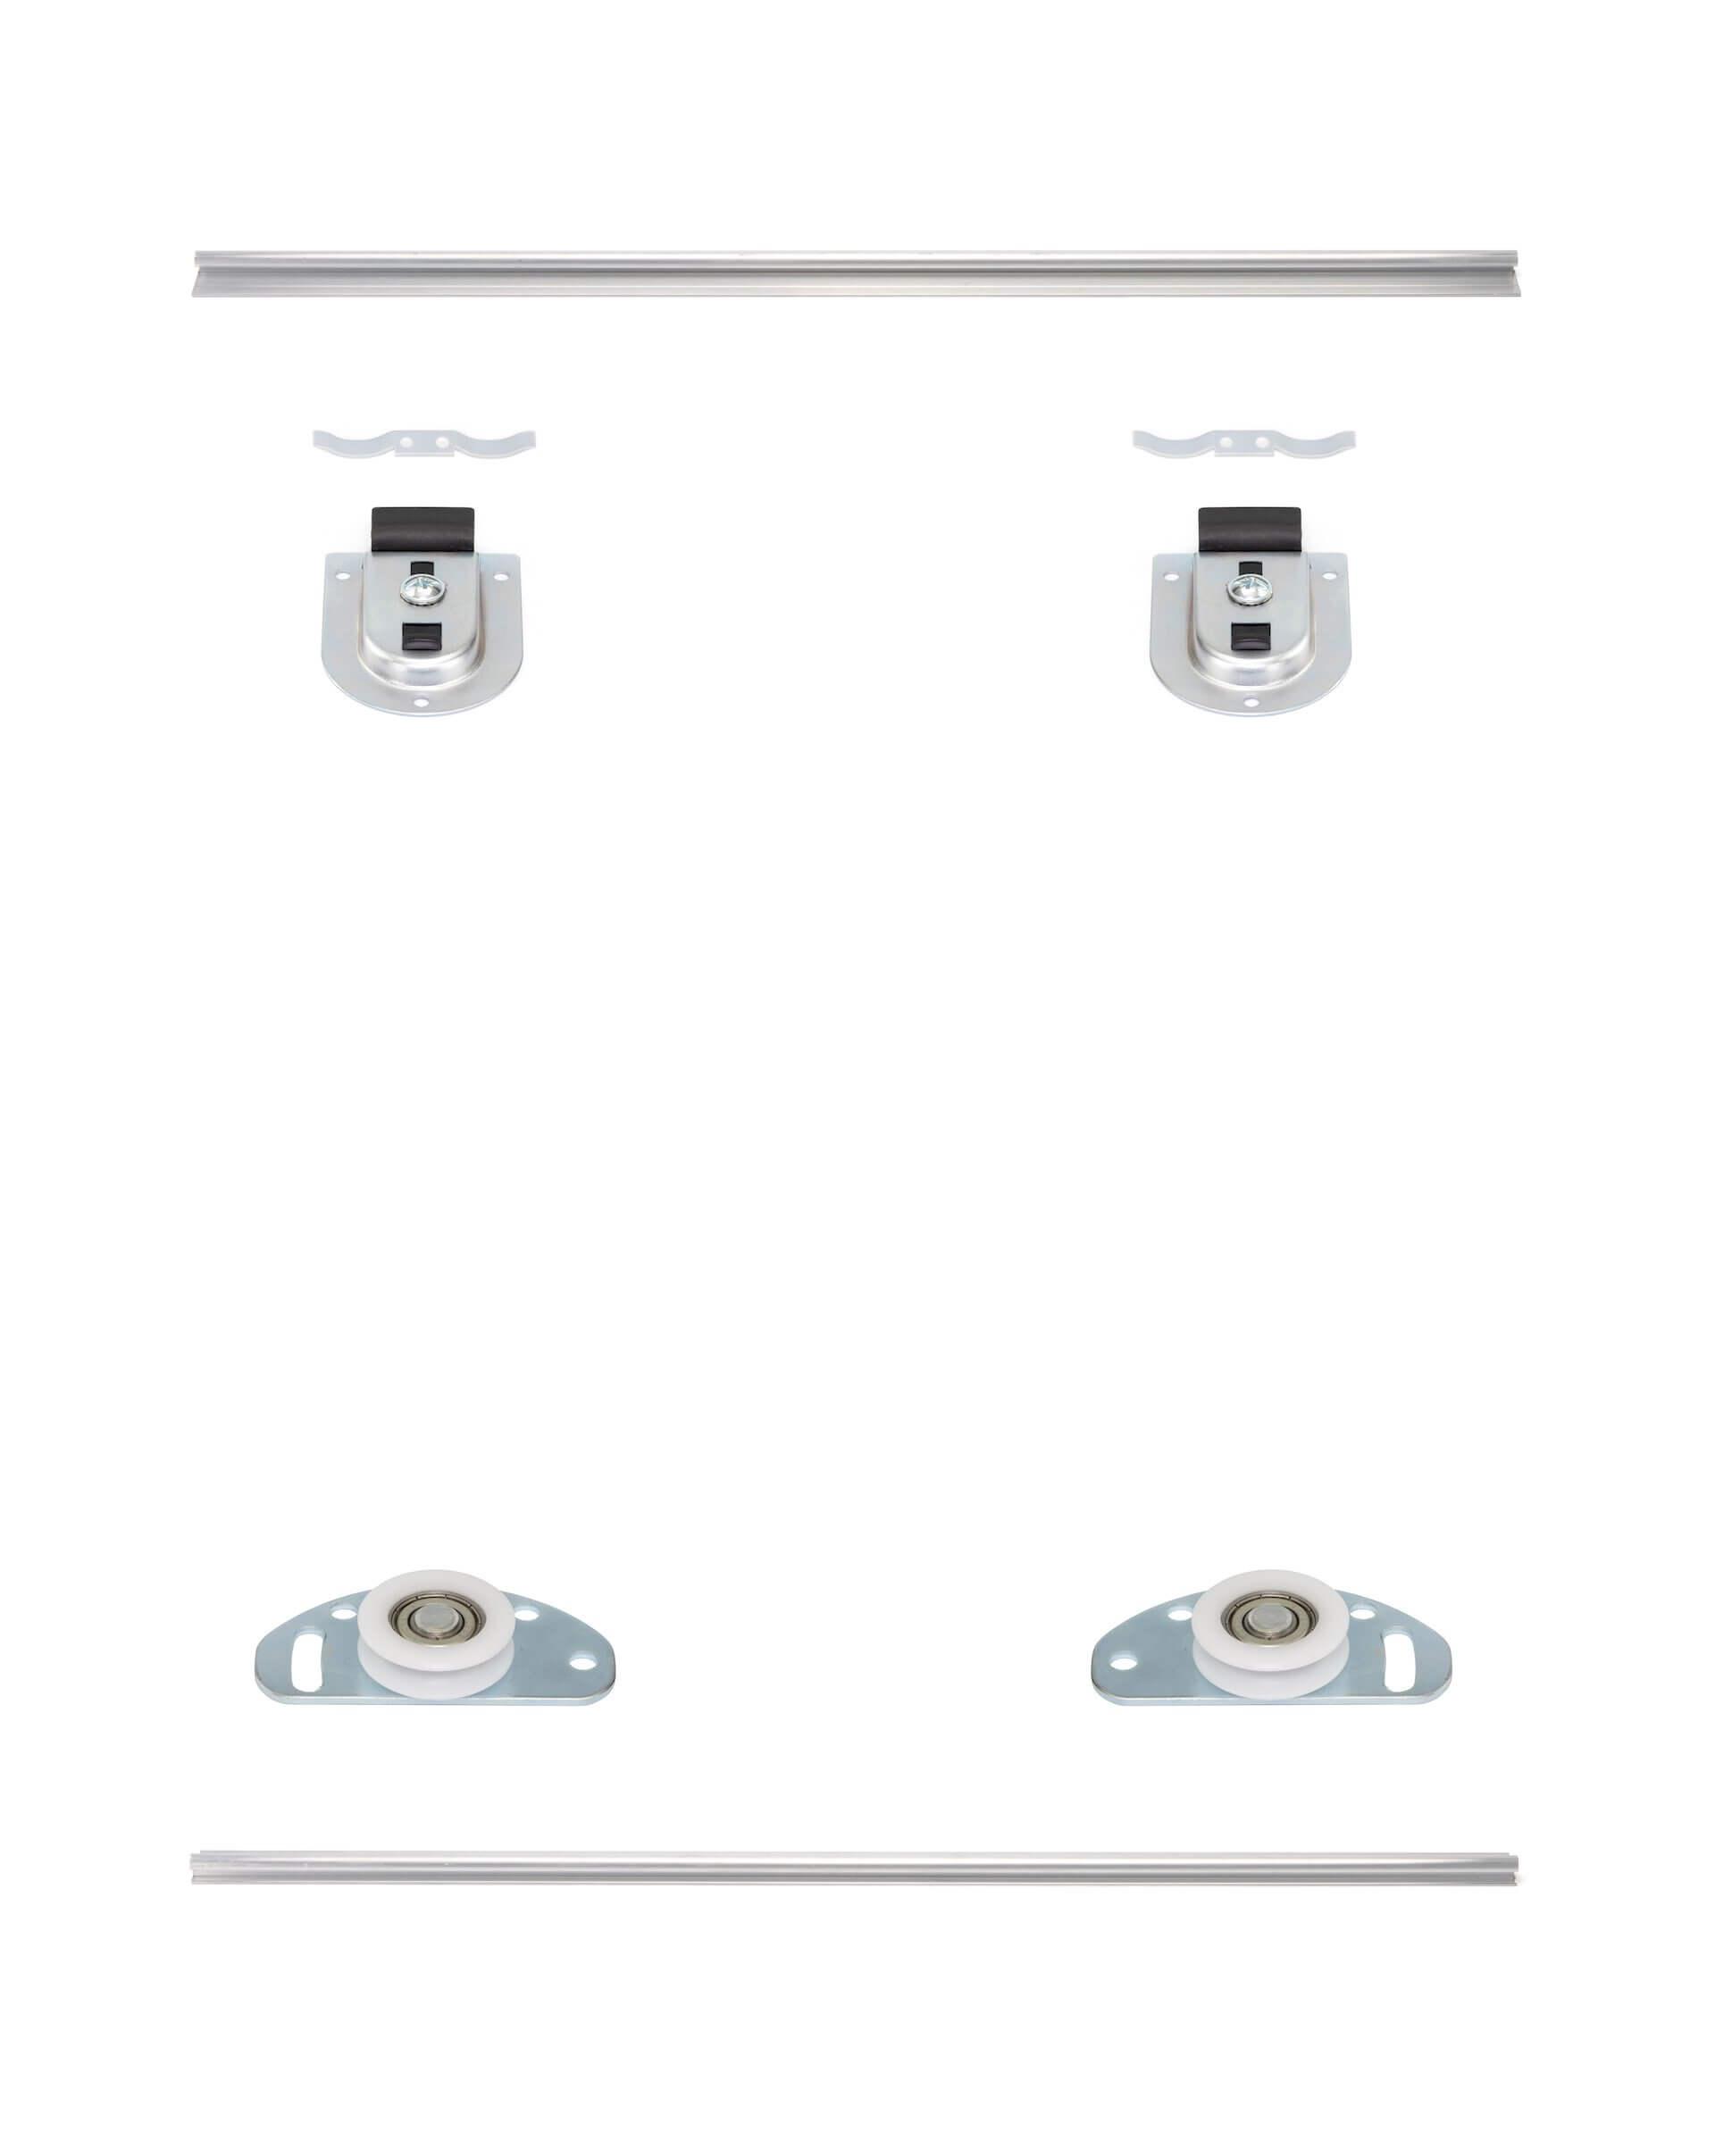 MSB-Standard | Schiebetür-Bausatz Bodensystem für Möbeltüren im Korpus